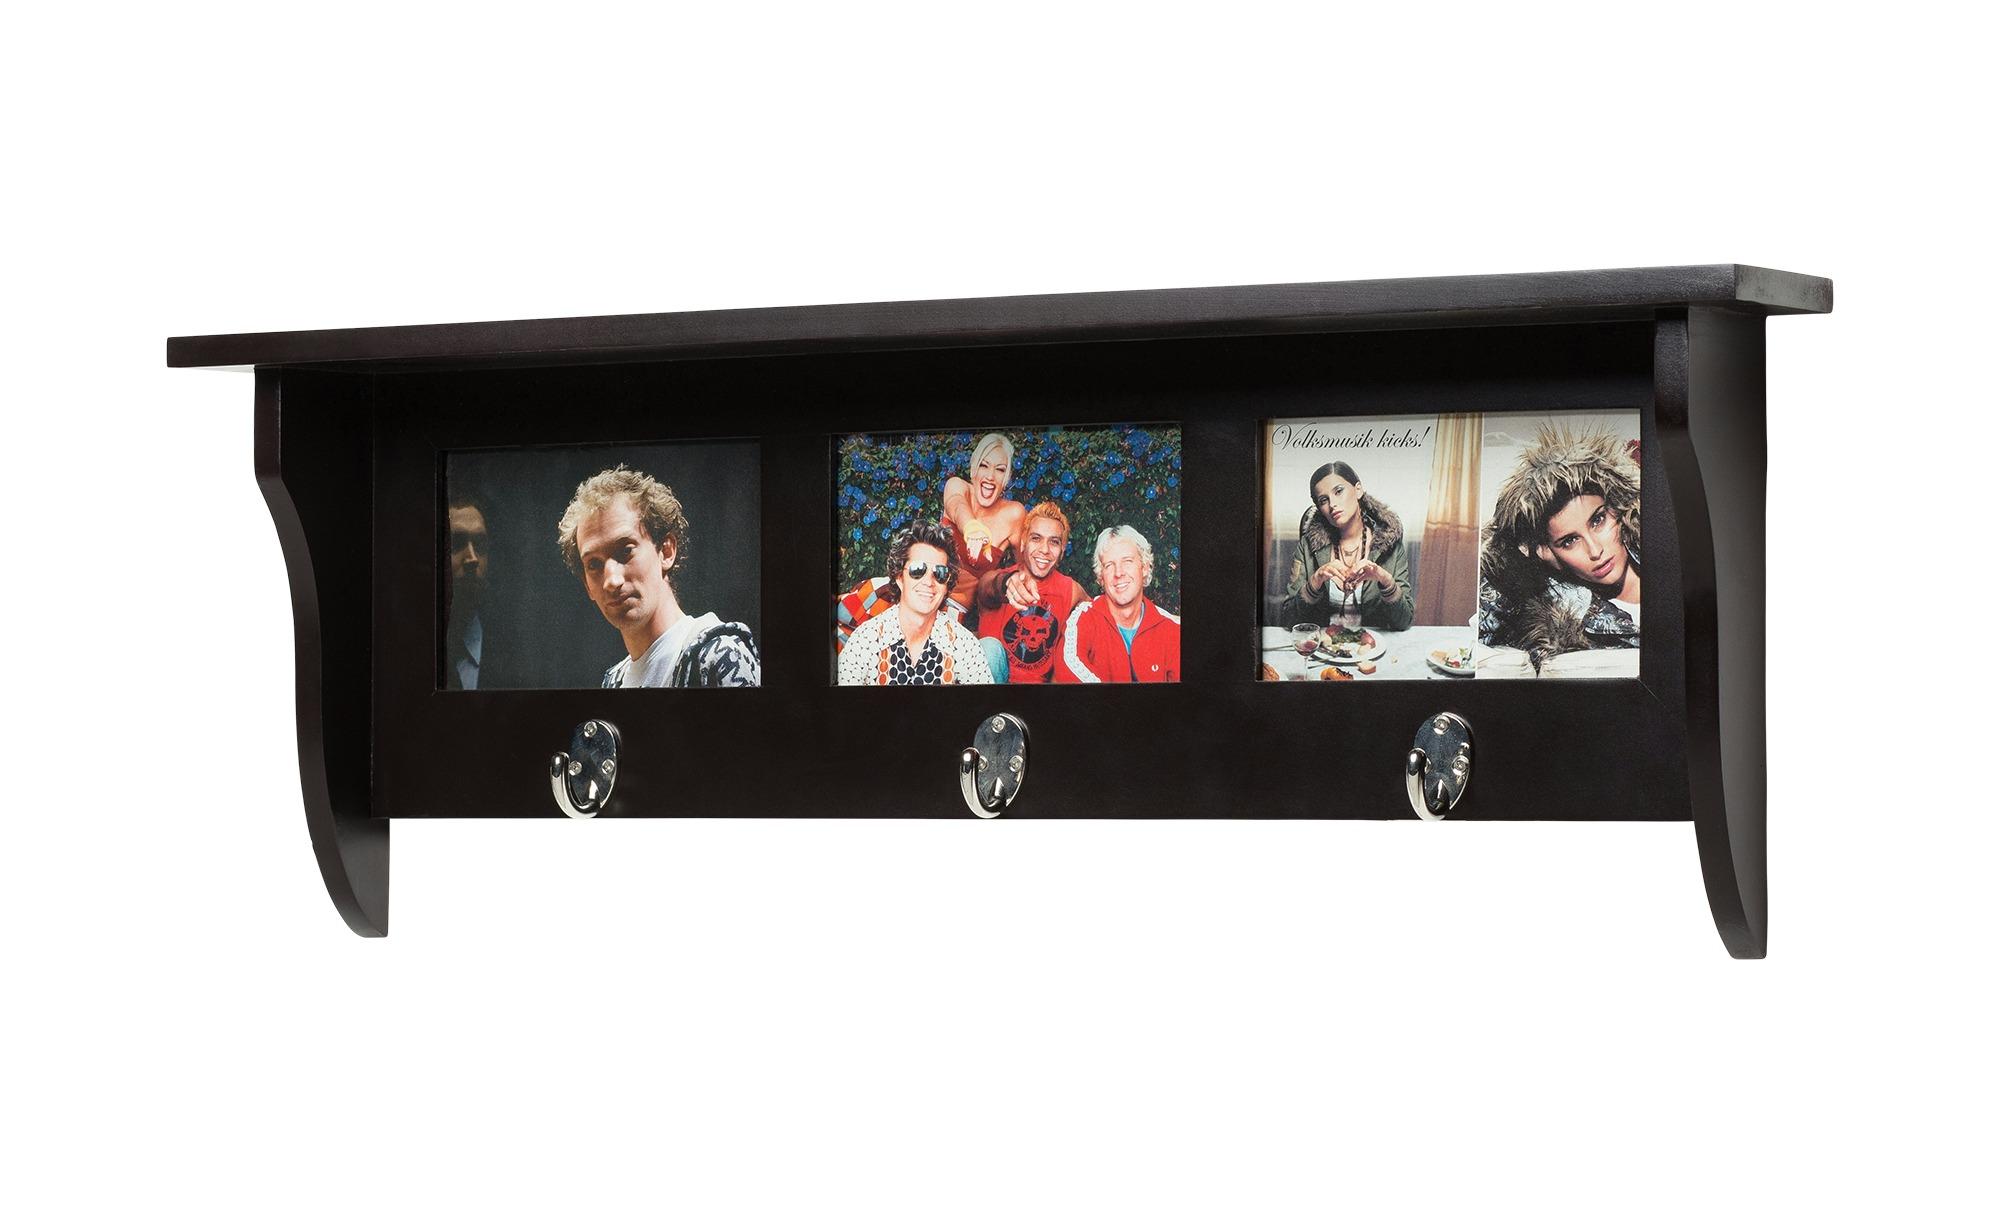 Love it Garderobe mit Bilderrahmen - schwarz - 62 cm - 23,5 cm - 10 cm - Sconto | Dekoration > Bilder und Rahmen > Rahmen | Love it